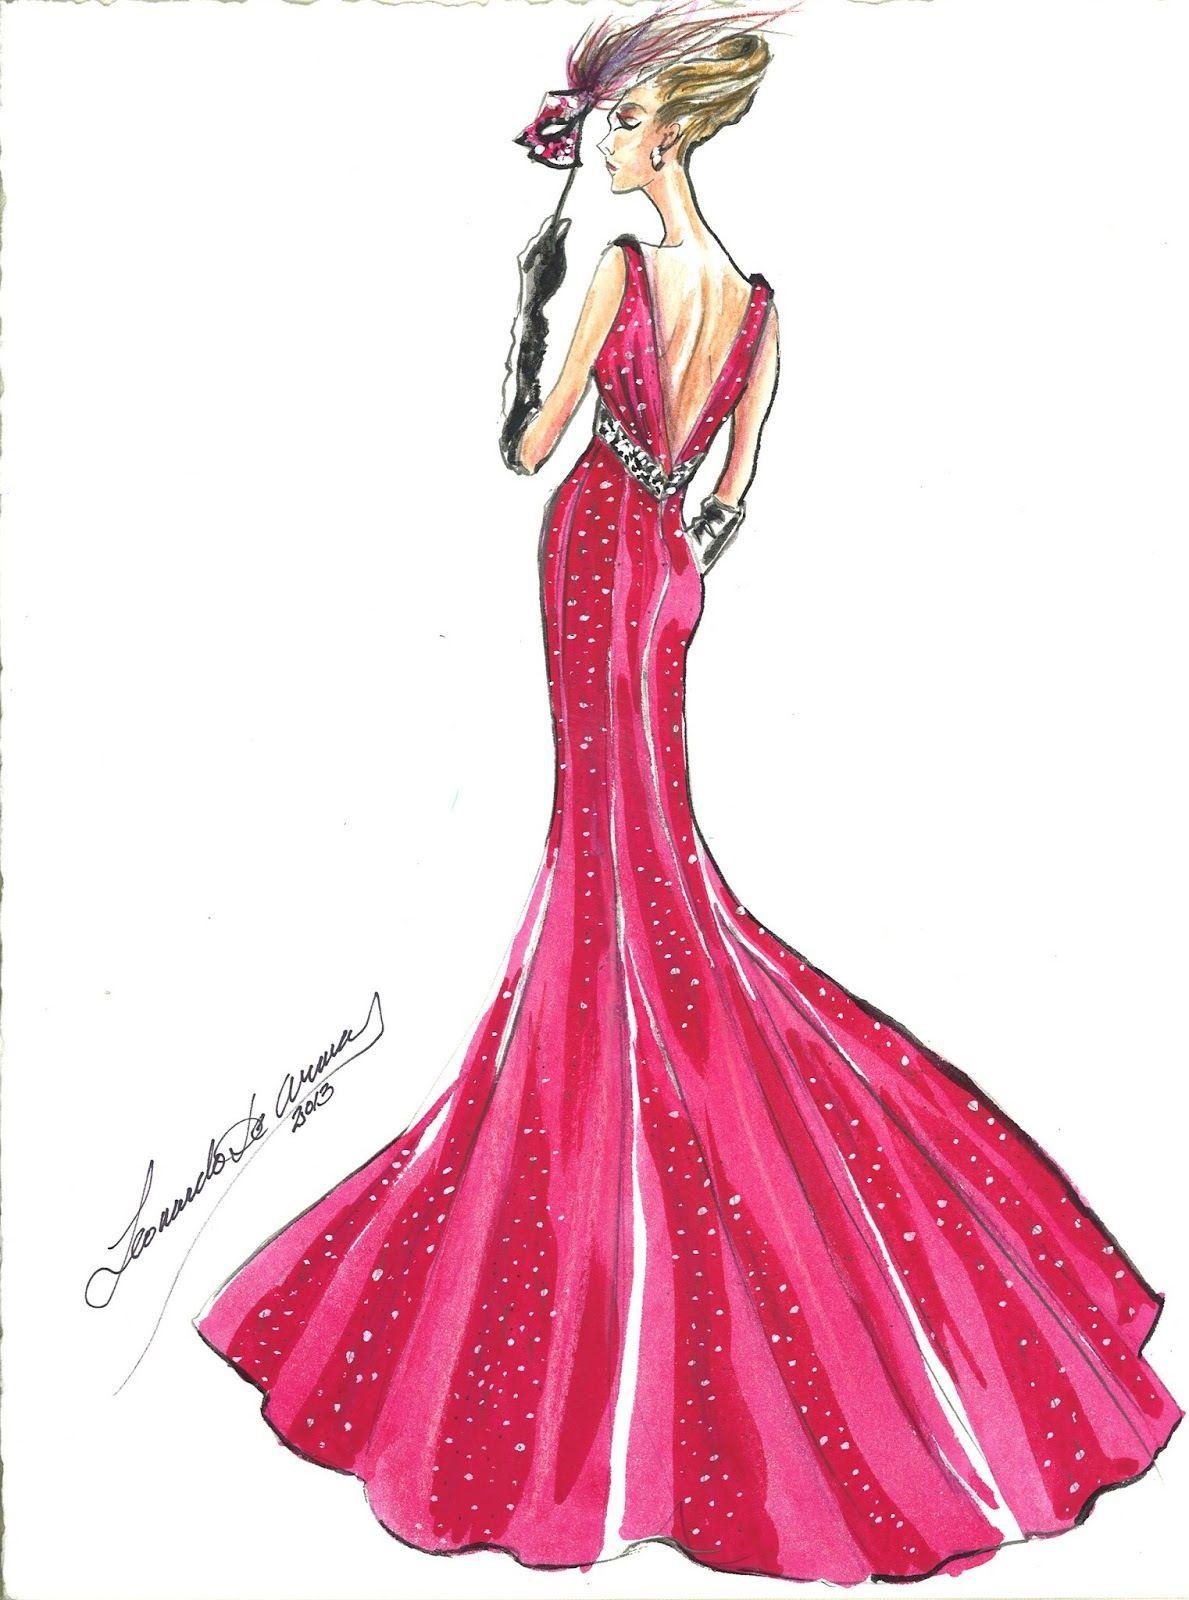 Dibujo | Fashion illustrations | Pinterest | Ojos de amor, Dibujo y ...